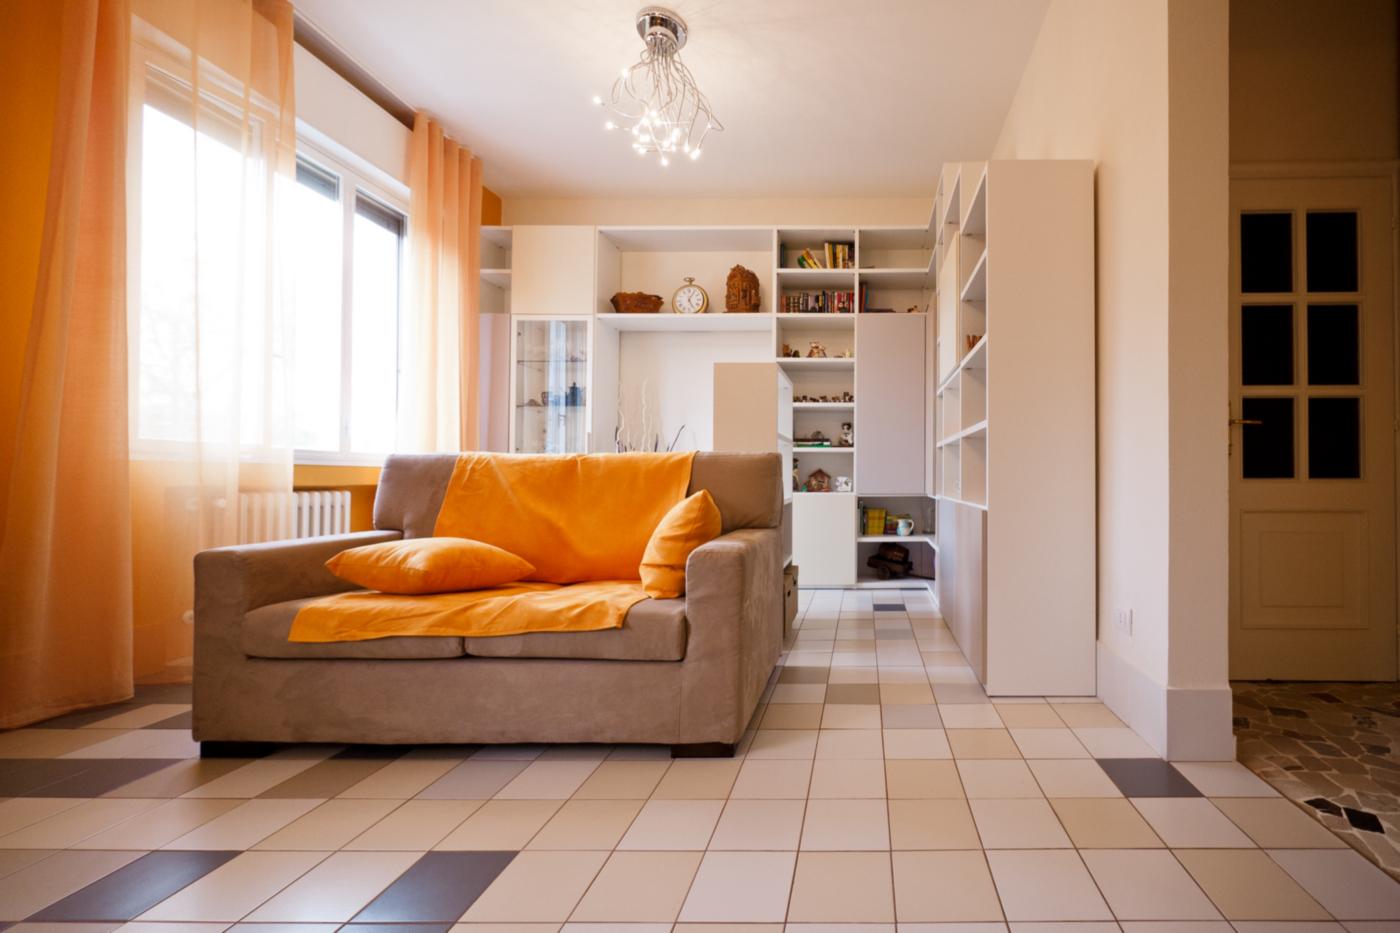 Una ristrutturazione a basso budget che rivoluziona spazi e percezione. Zona giorno come sequenza di spazi | Bottega di Architettura